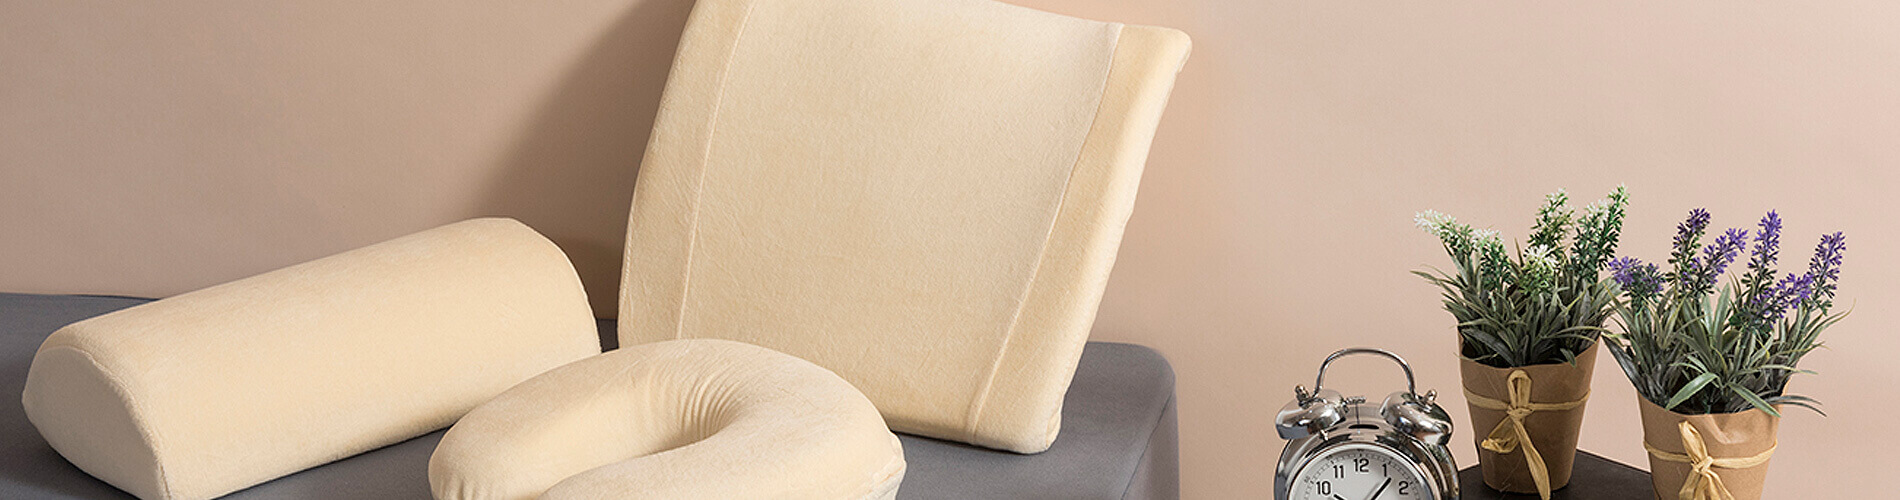 Las mejores almohadas terapeuticas